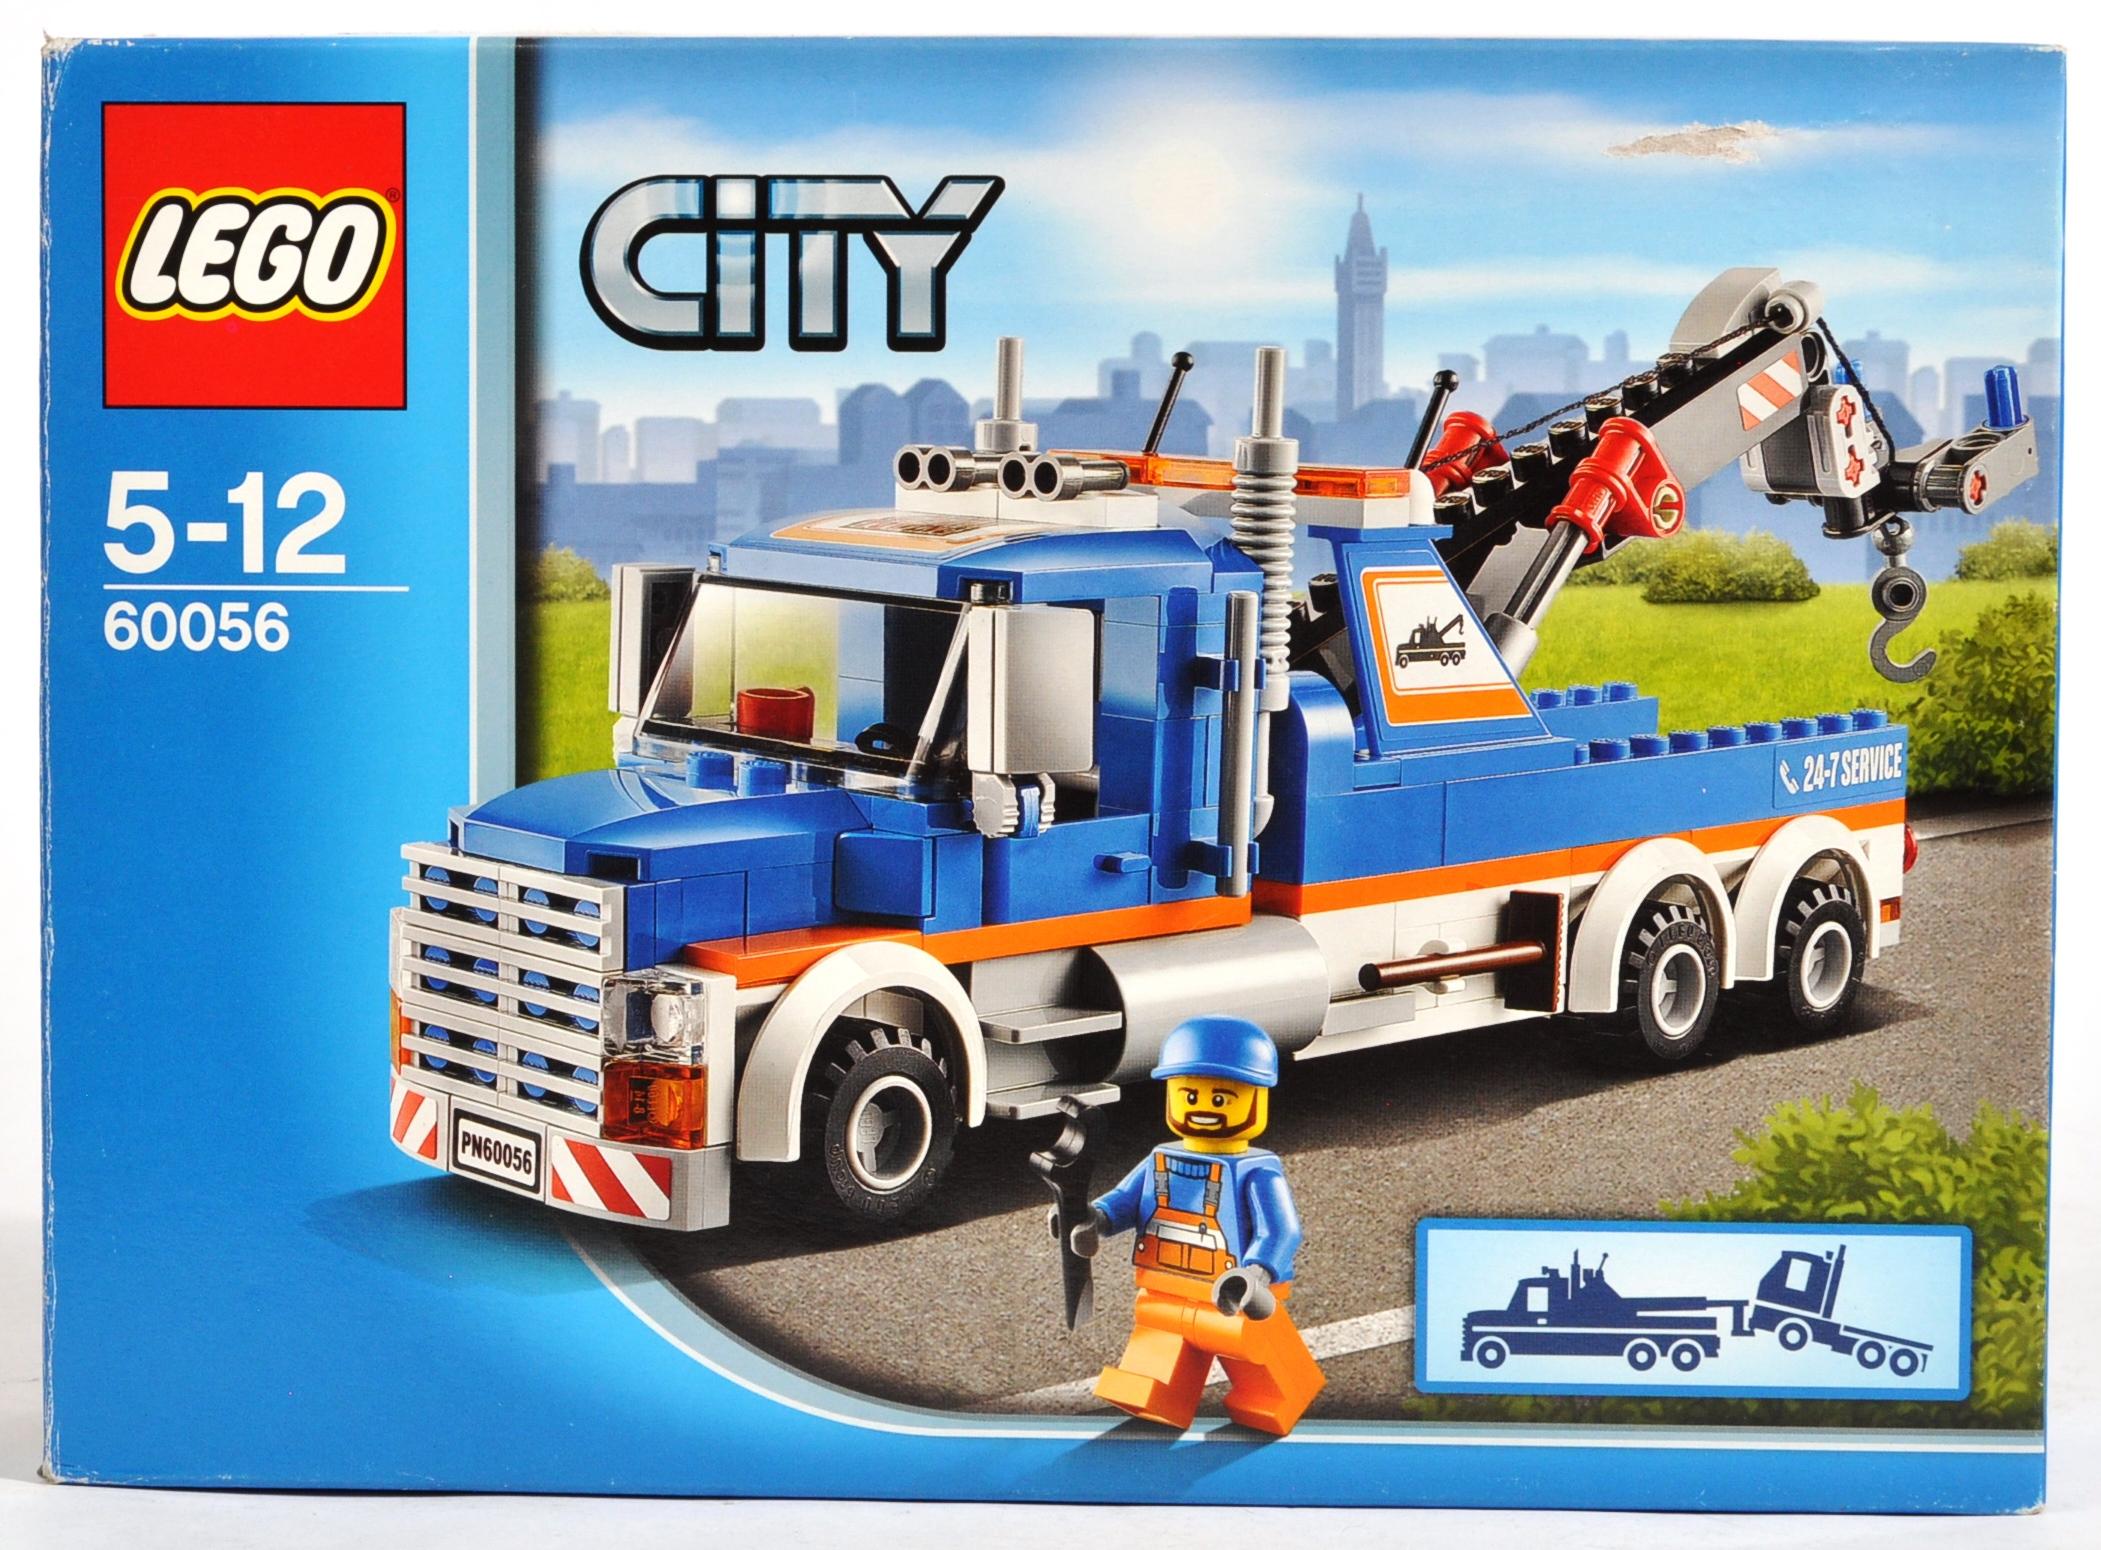 LEGO SETS - LEGO CITY - 60023 / 60056 / 60223 - Image 9 of 11